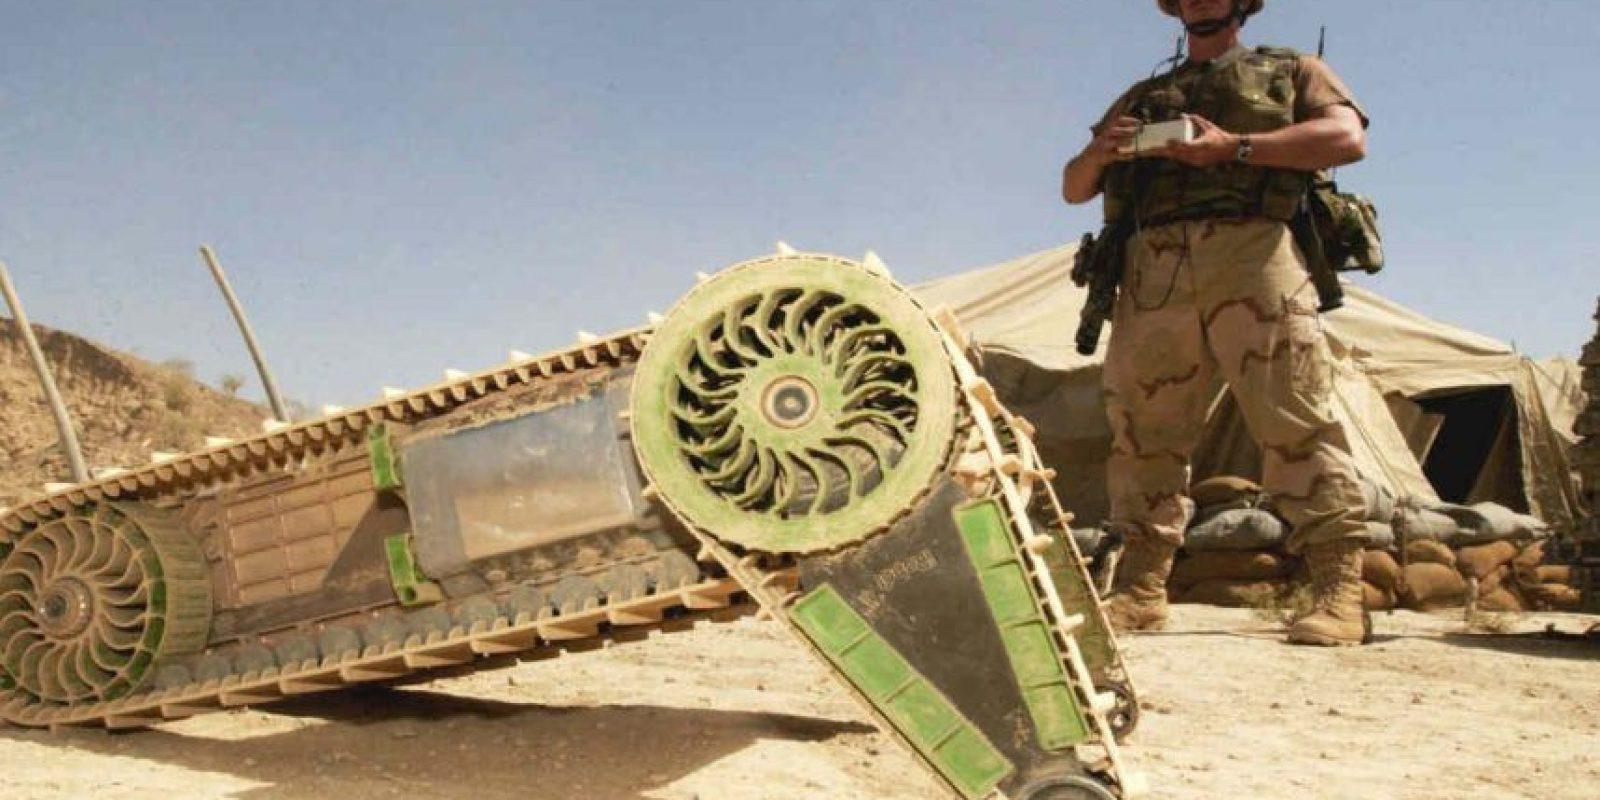 Según estudios militares, alrededor del 2018, el ejército estadounidense usará robots militares. Foto:Getty Images